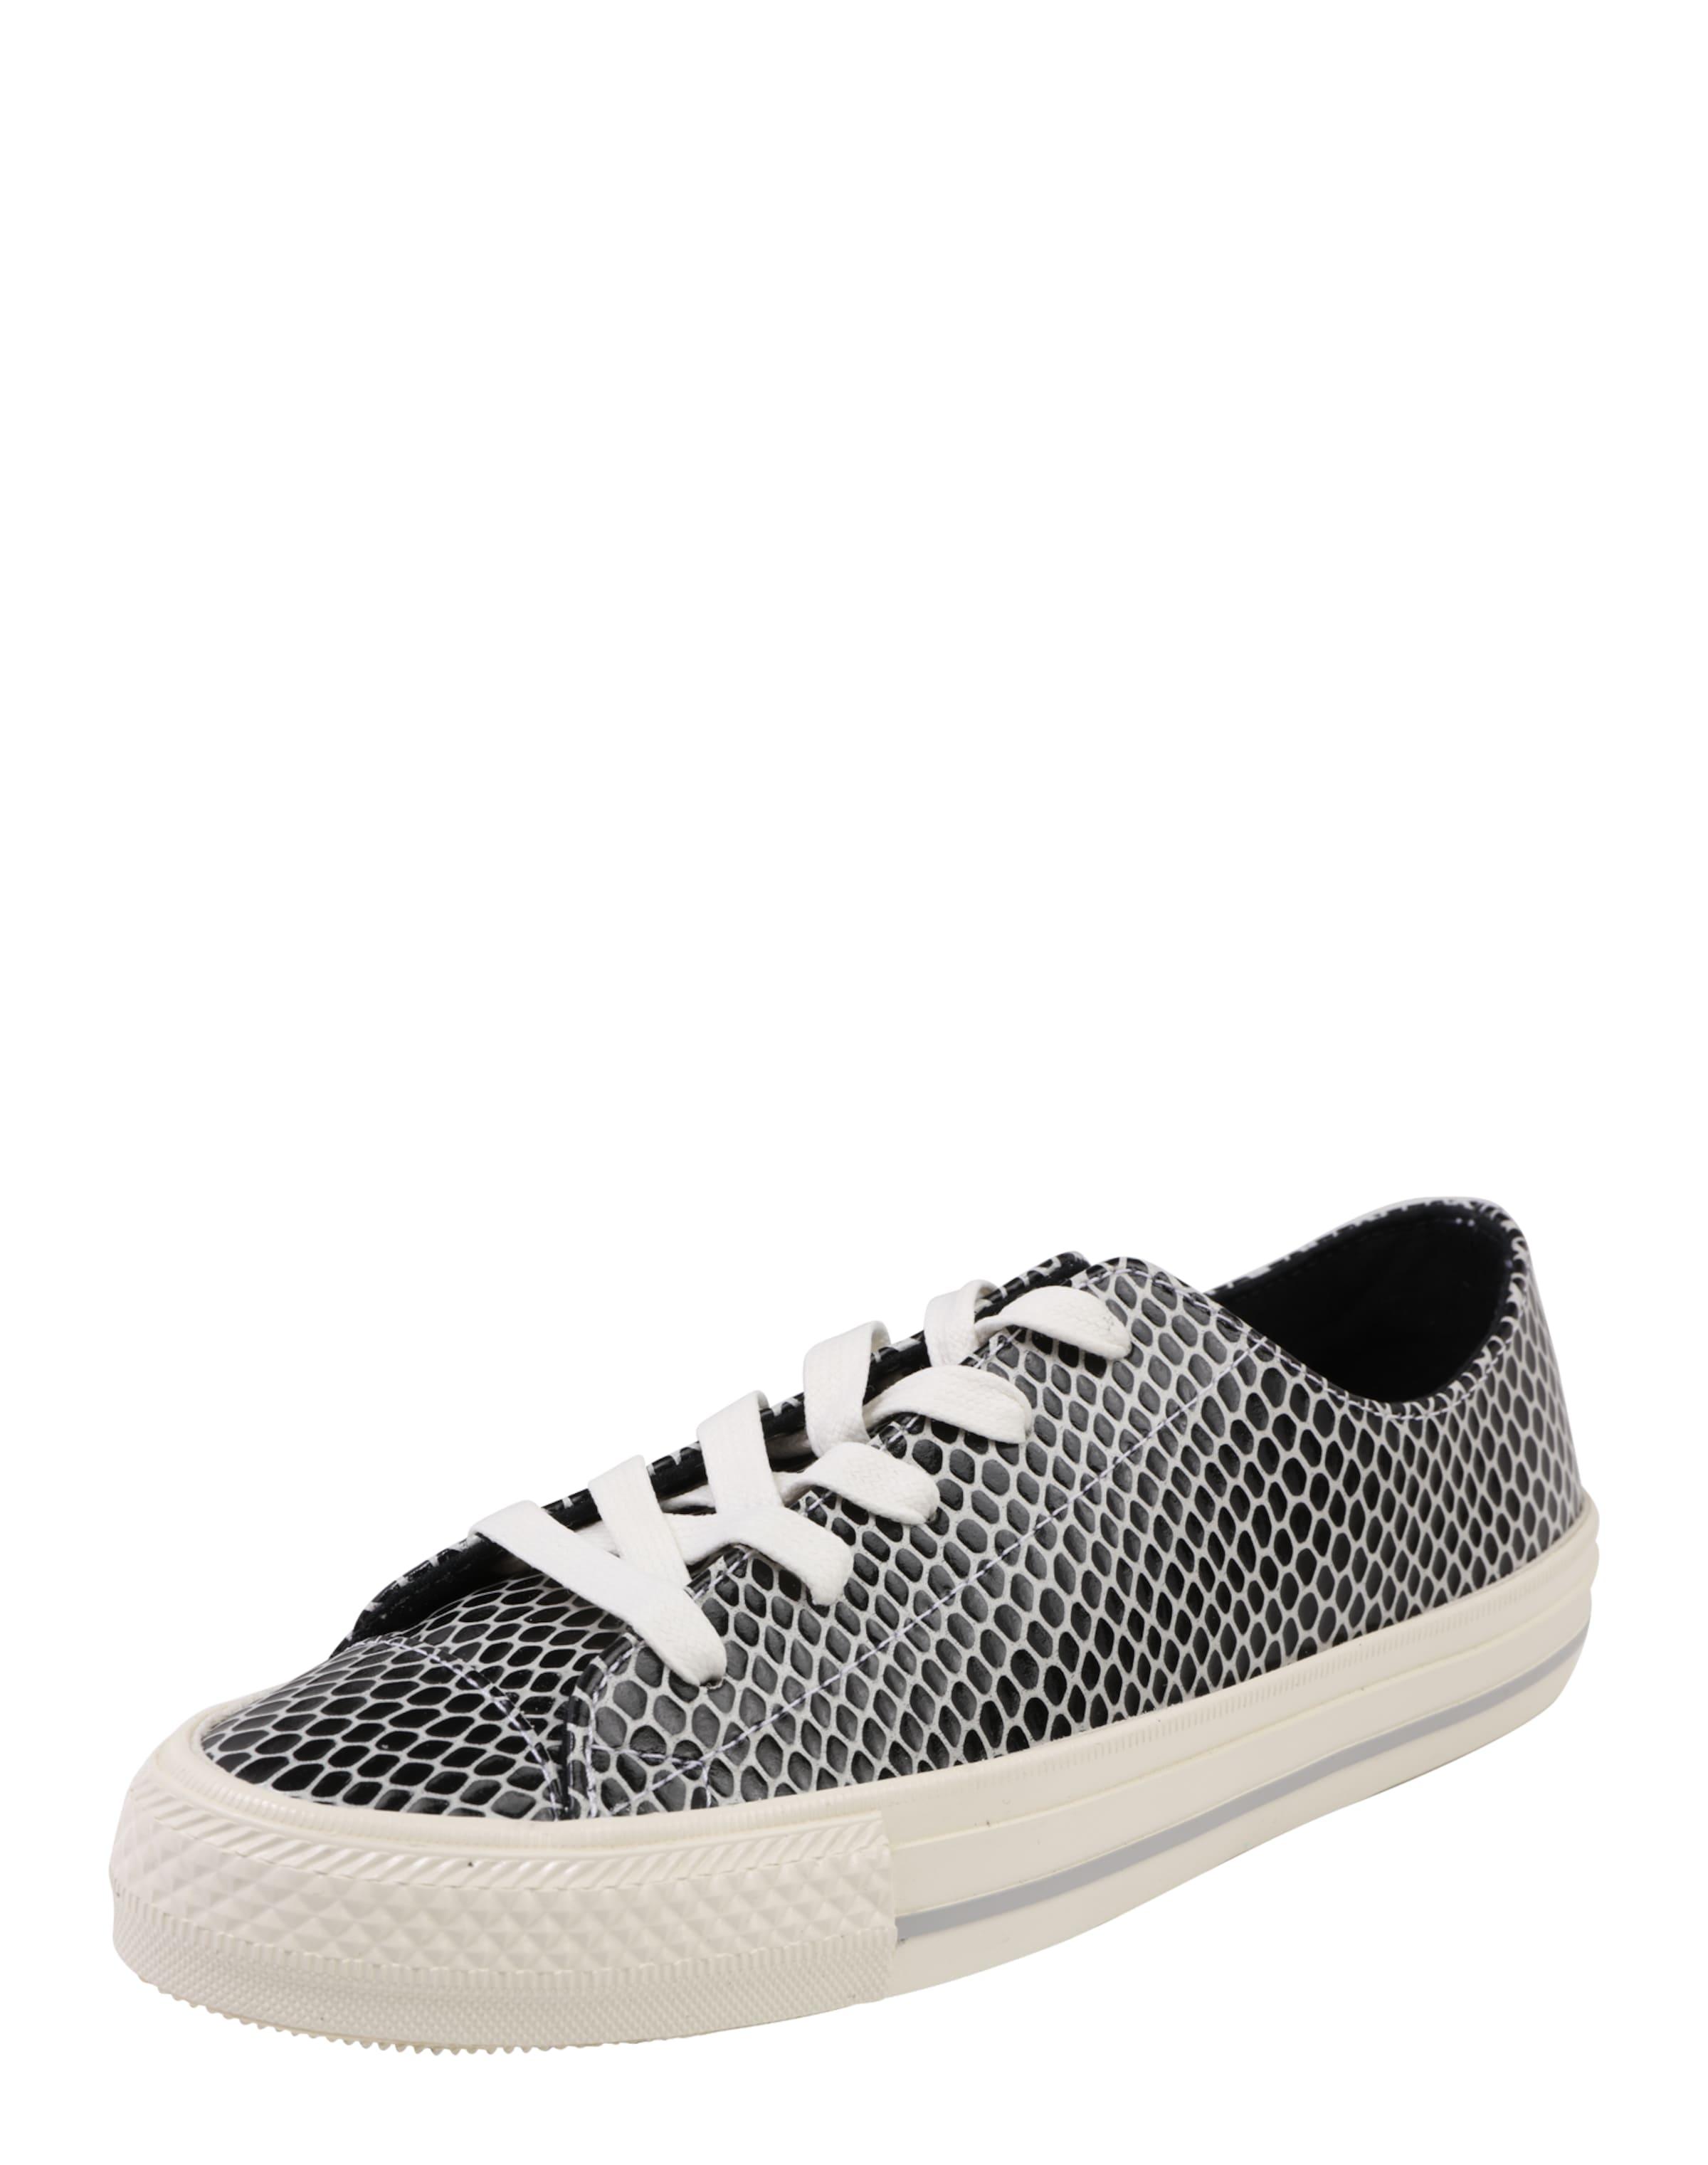 CONVERSE Sneaker  All Star Gemma - Ox